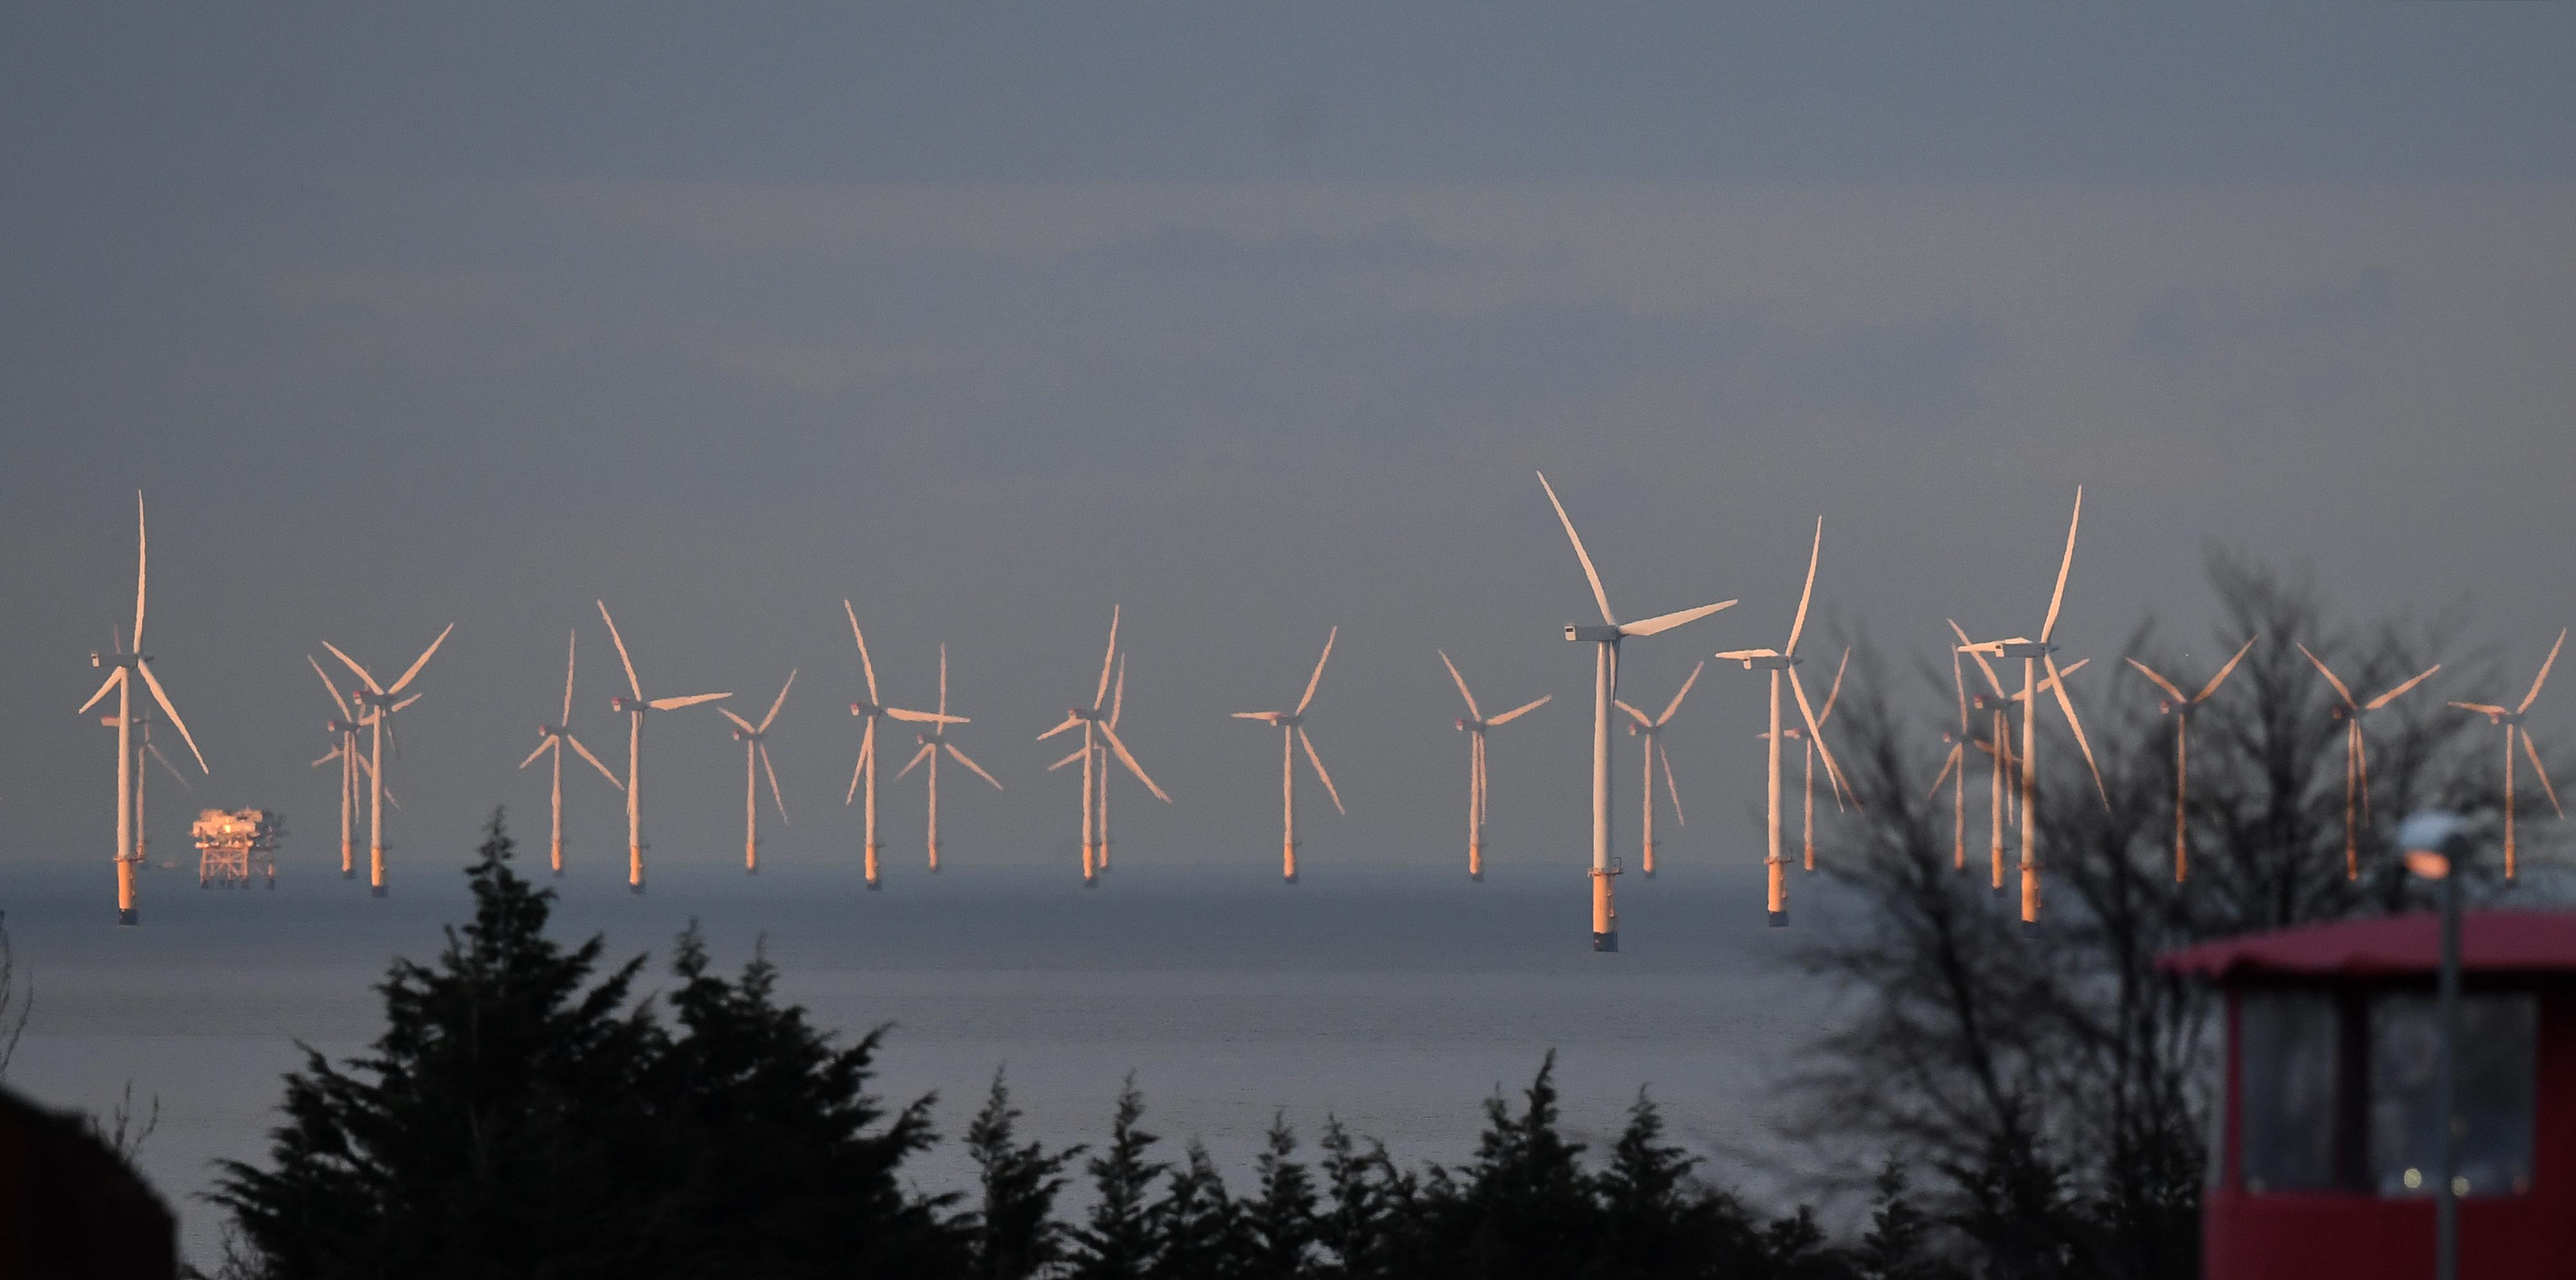 Három napon át szén felhasználása nélkül termeltek áramot Nagy-Britanniában